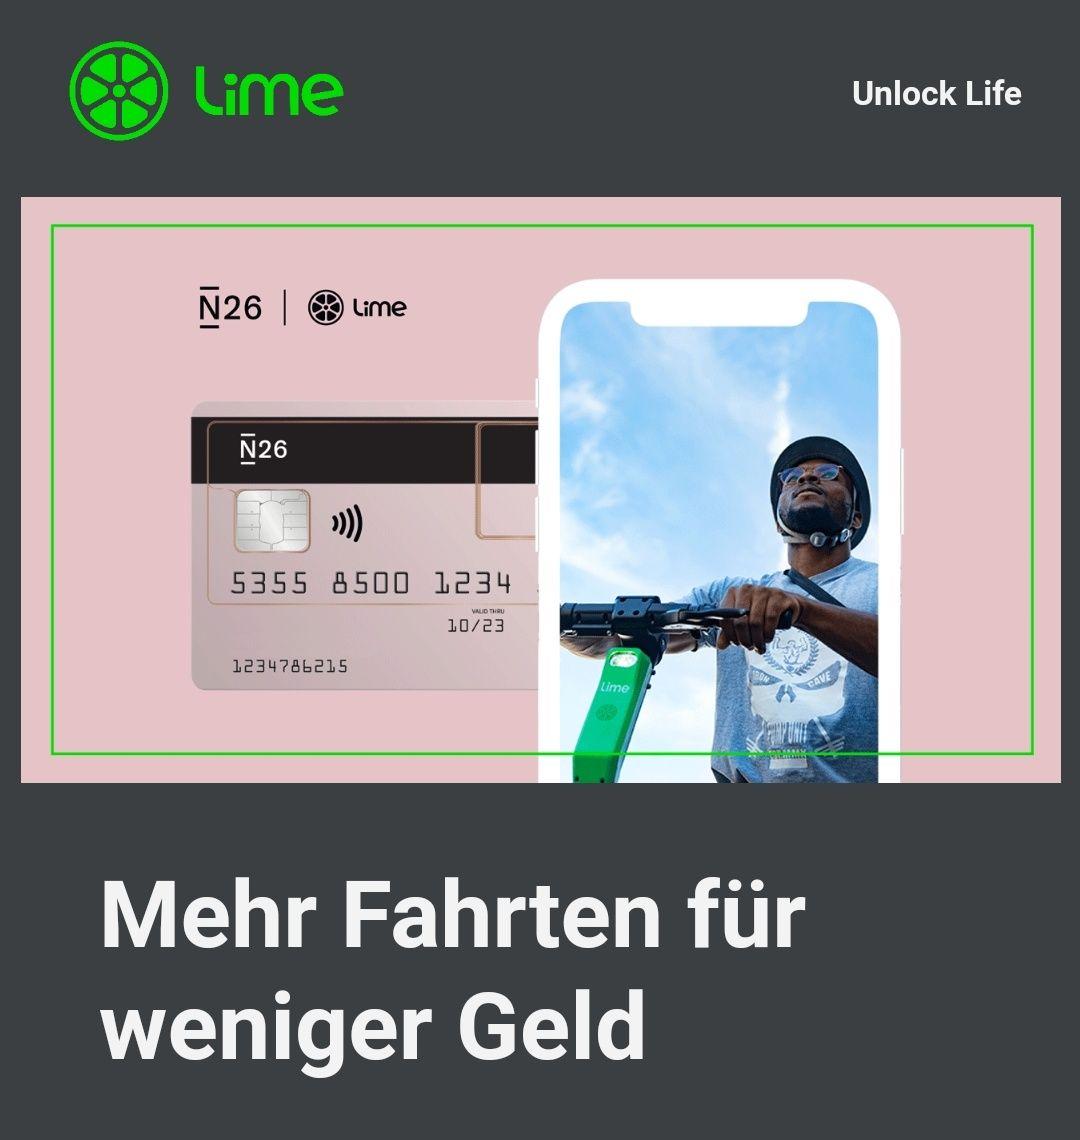 Rabatt von 50 % auf alle Lime Fahrten mit N26